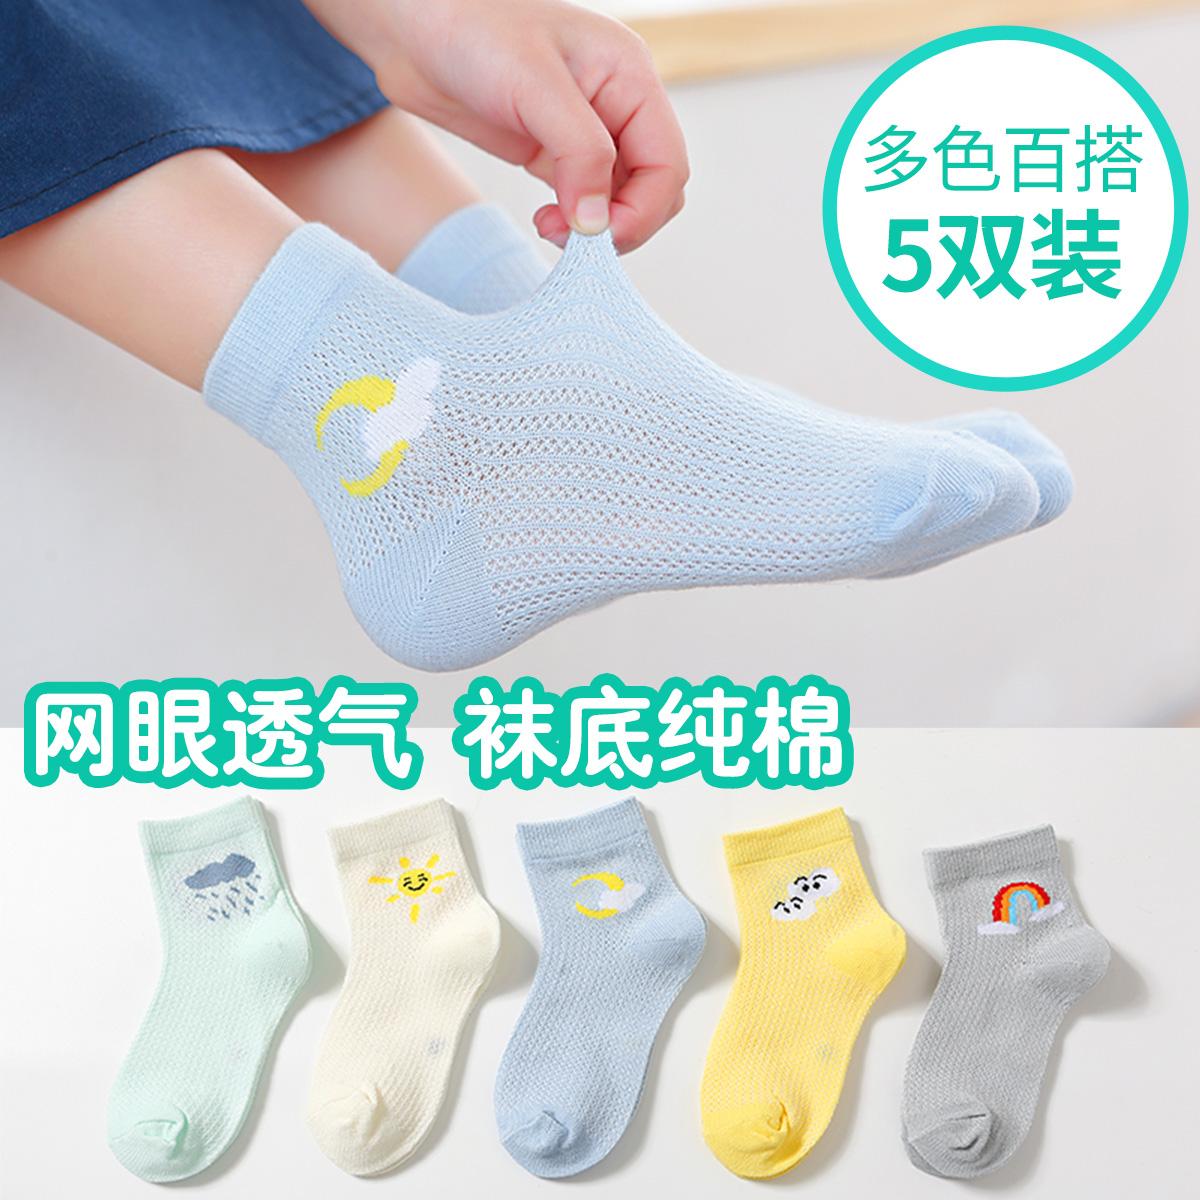 儿童袜子夏季薄款纯棉婴儿宝宝男童女童春夏童袜透气网眼中筒夏天